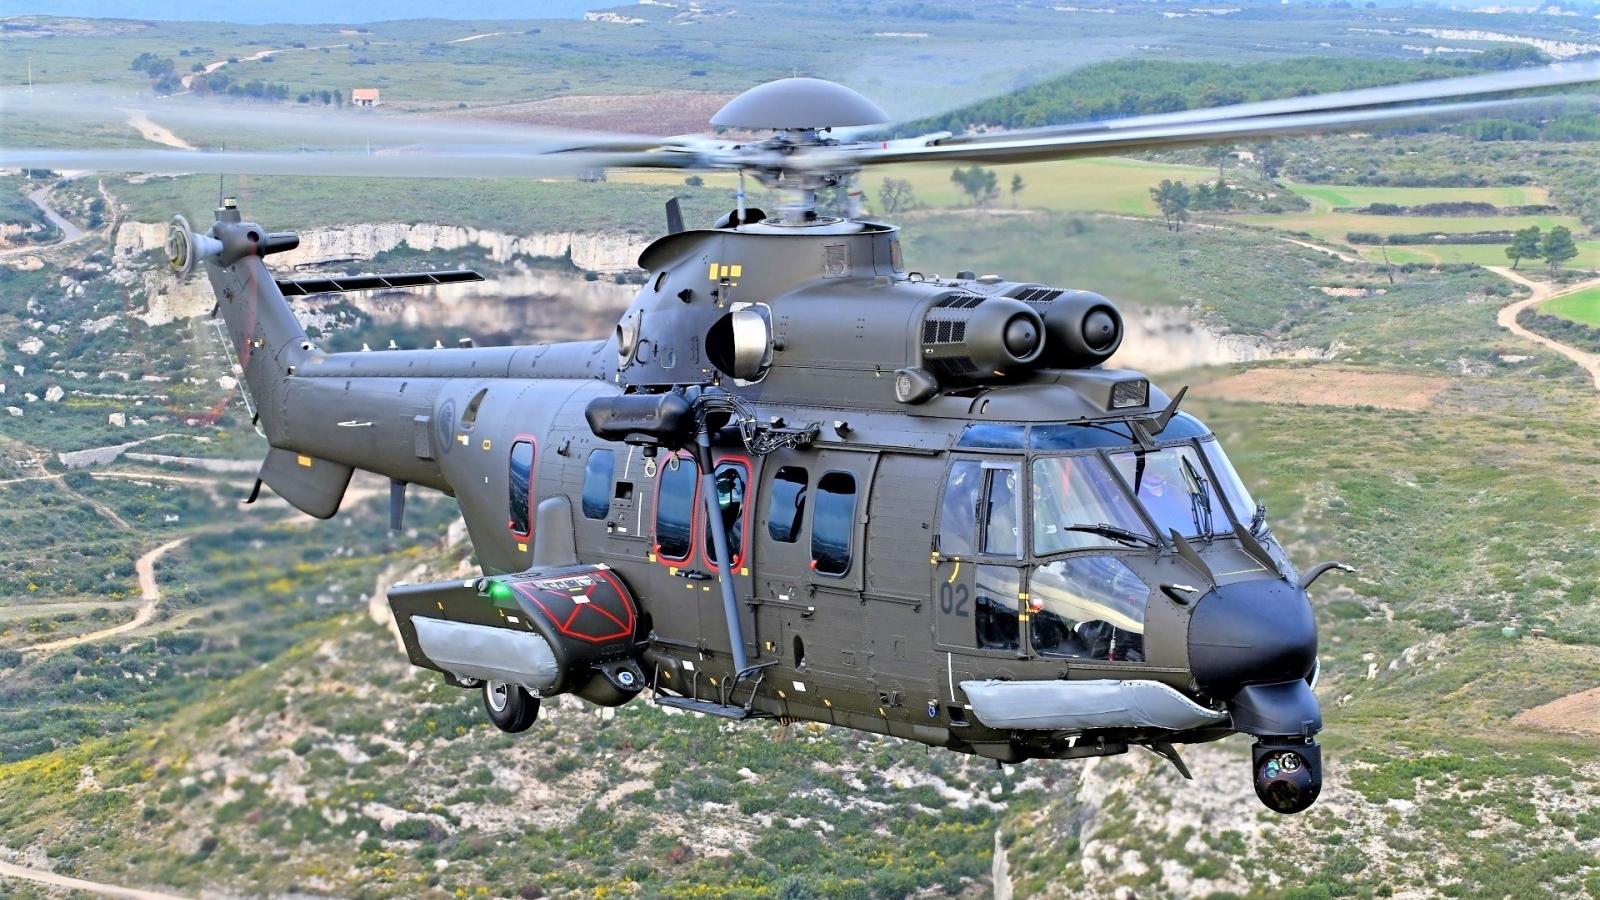 Khám phá trực thăng H225M Singapore mới tậu từ châu Âu